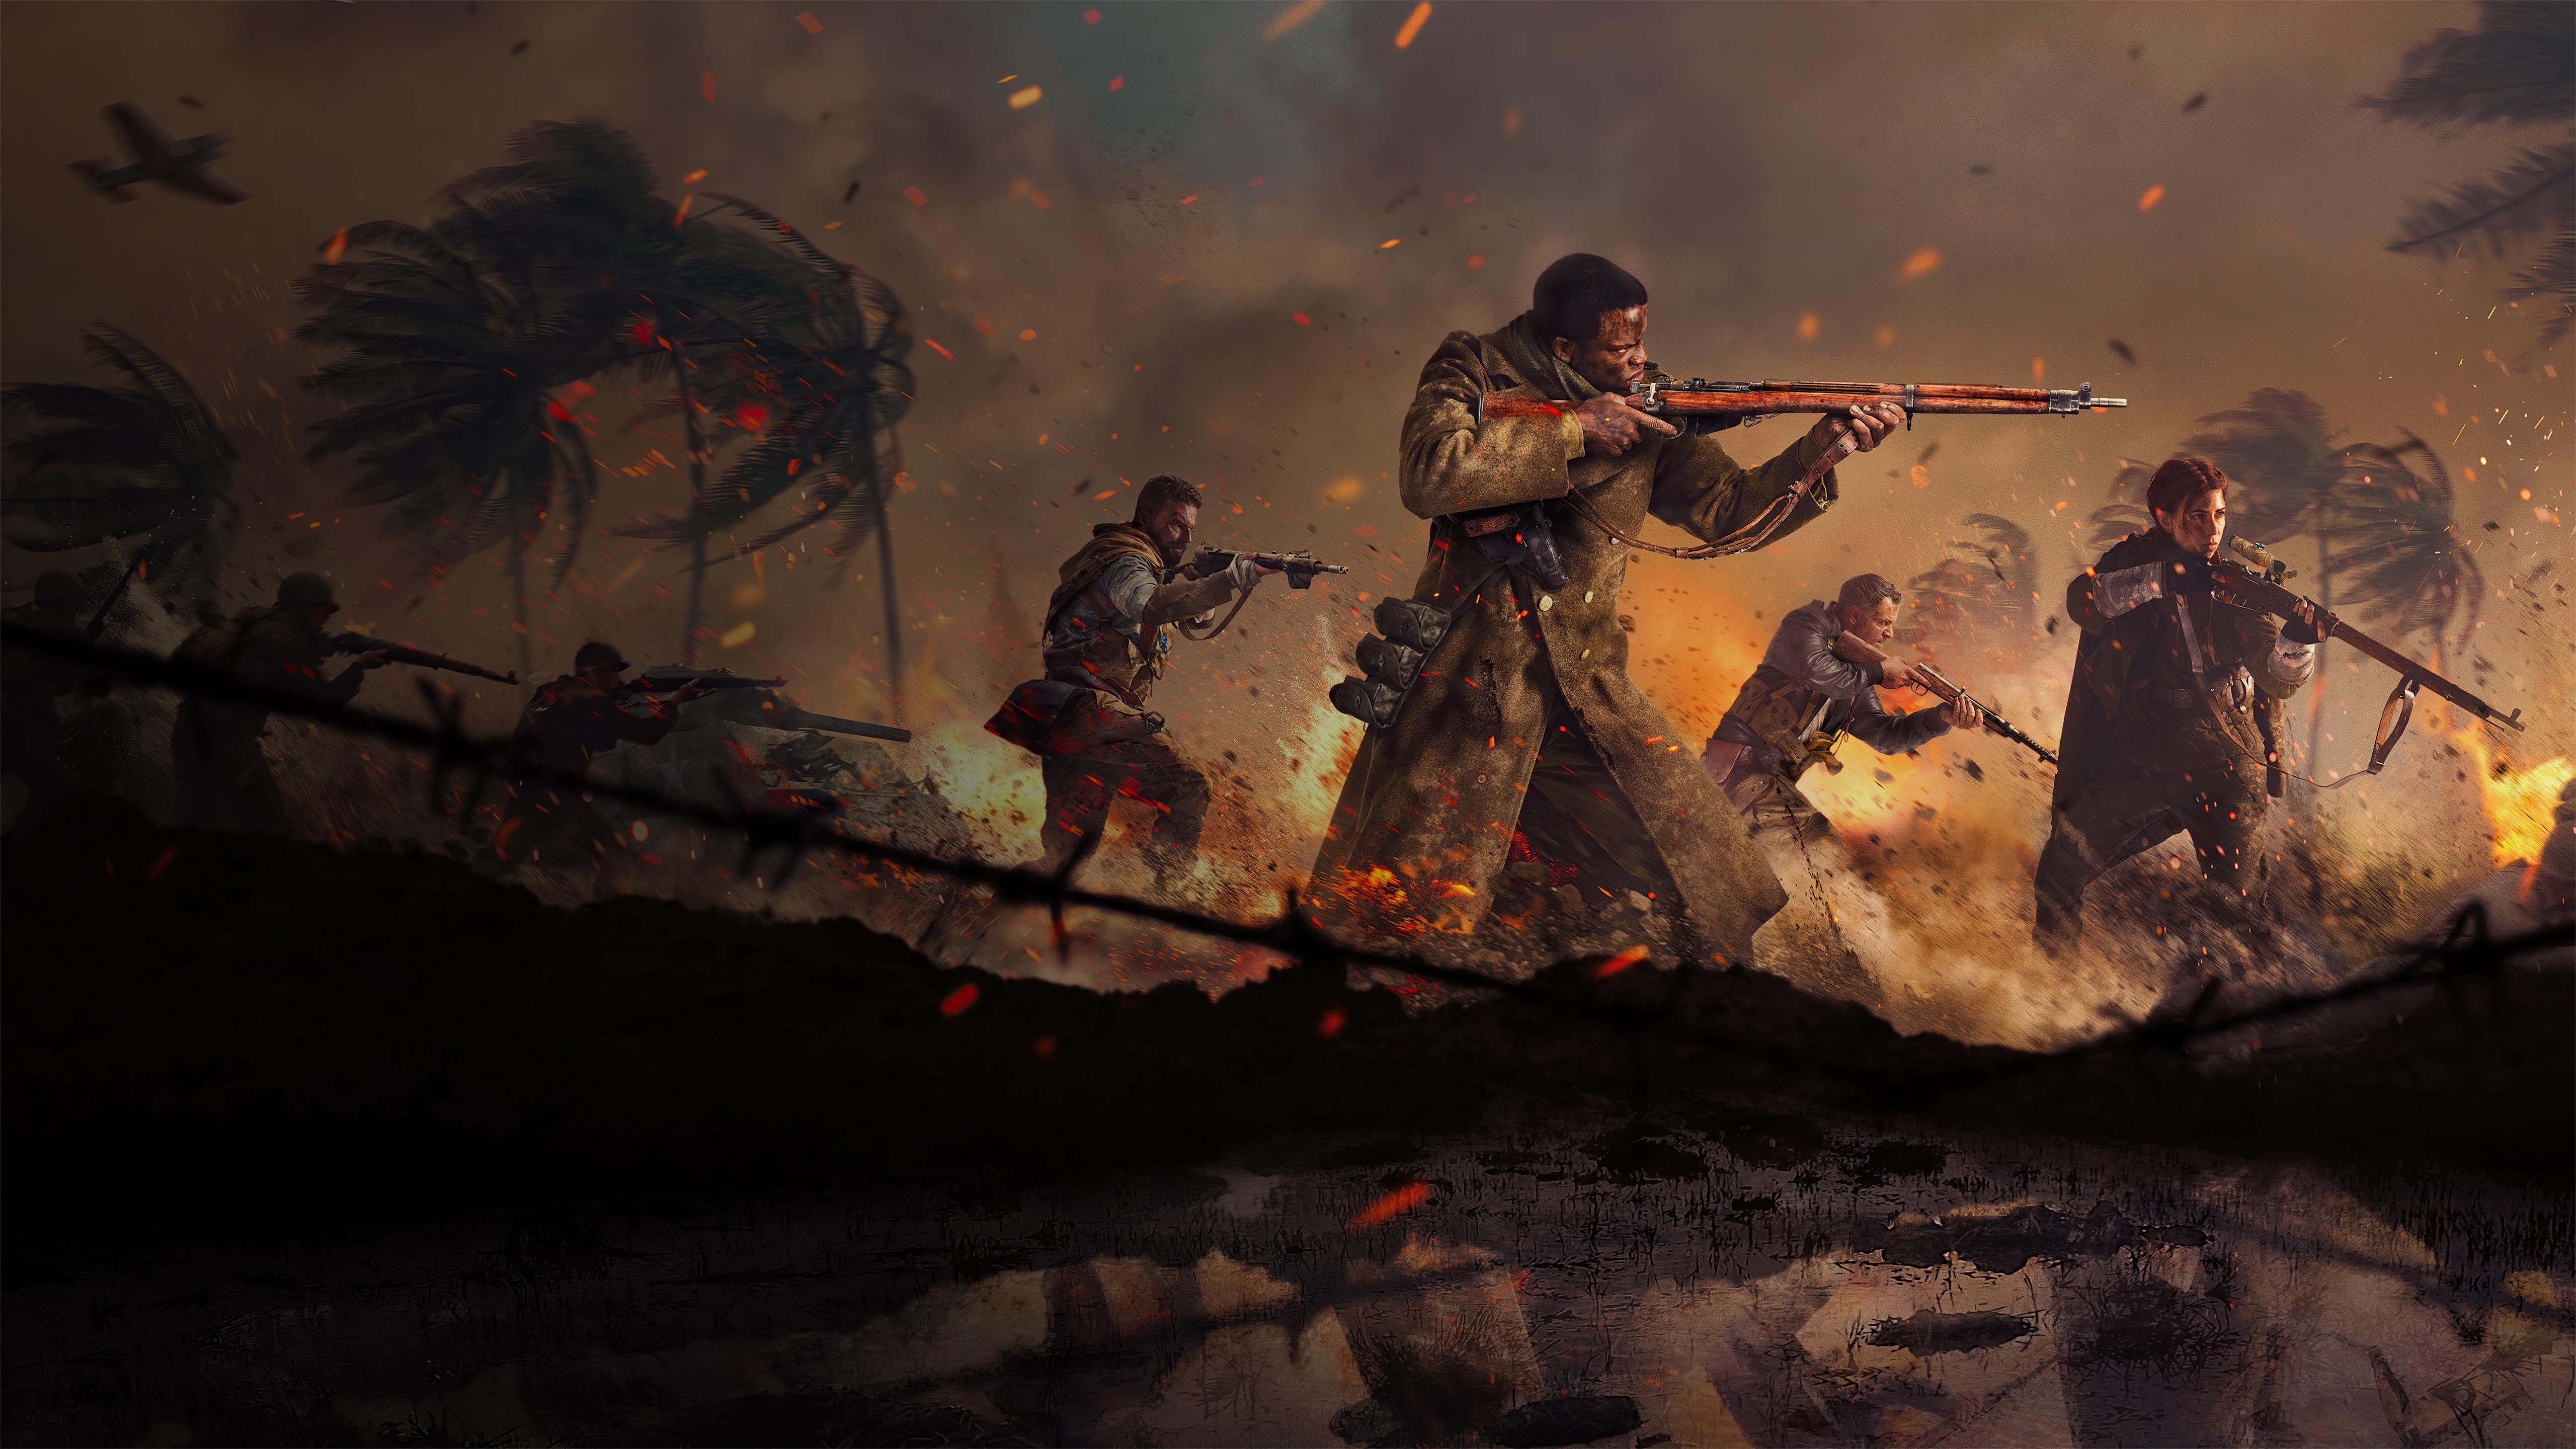 Fondos de pantalla Call of Duty Vanguard